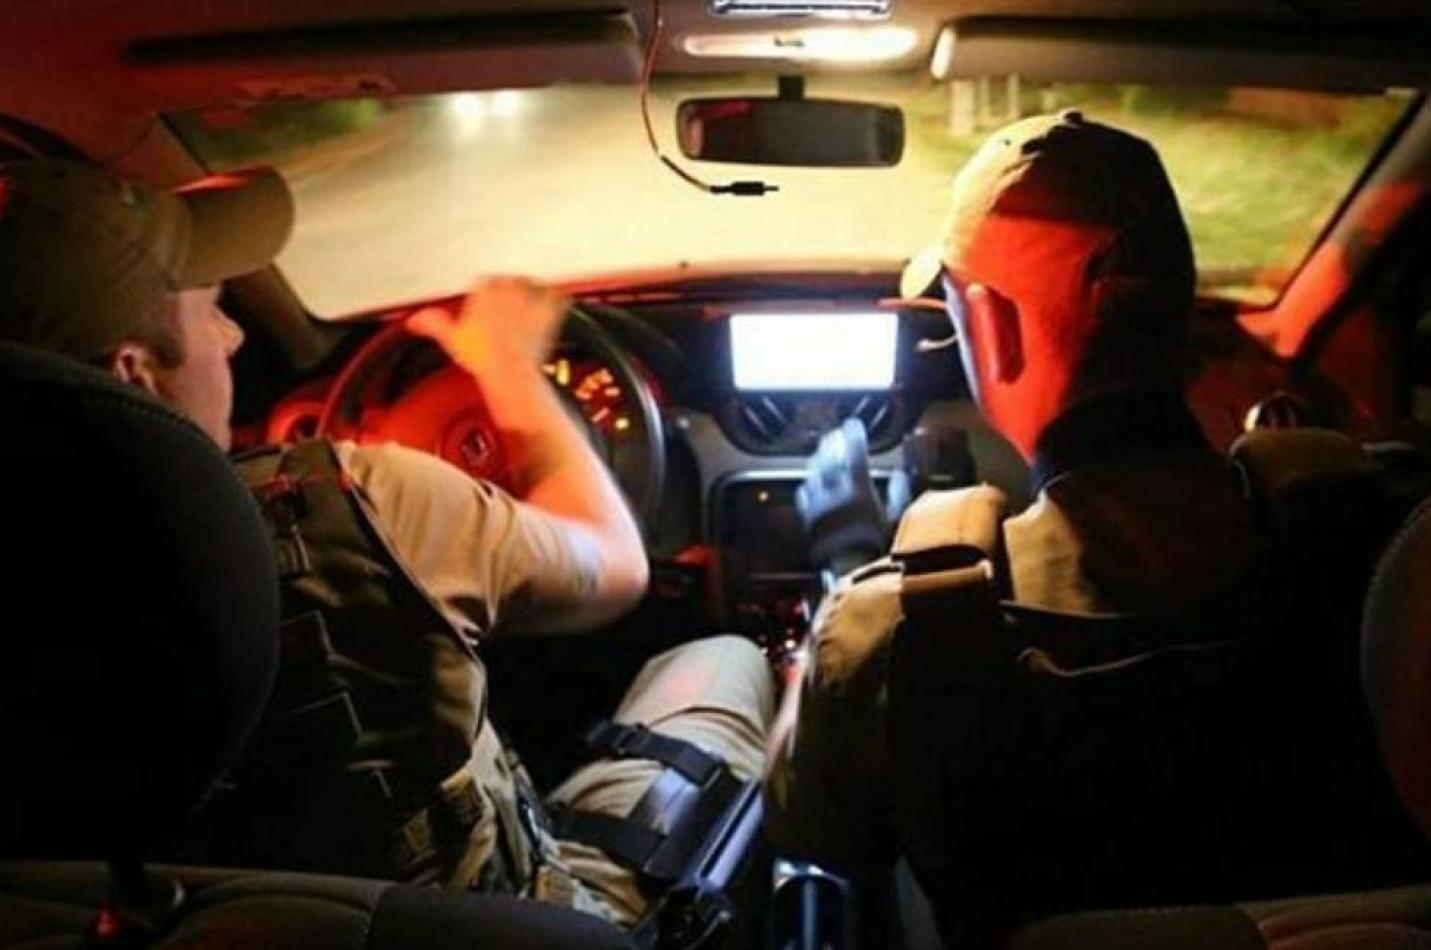 Bandidos sequestram vítima e roubam carro em Criciúma